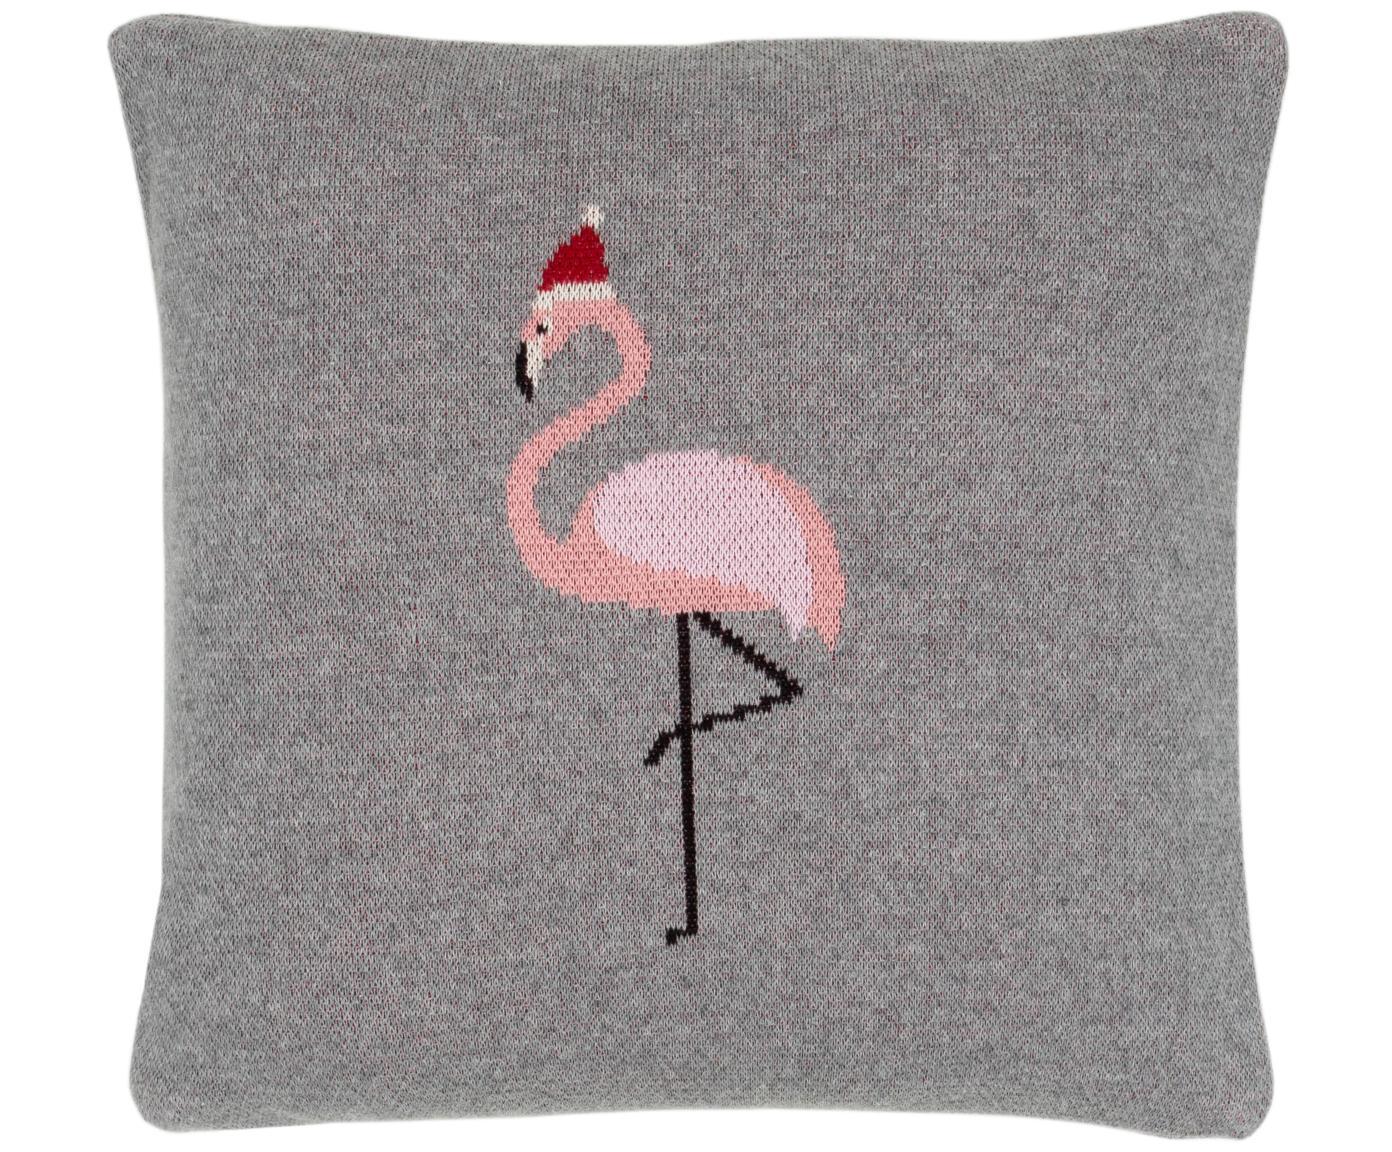 Federa natalizia con fenicottero Flamingo, Cotone, Grigio, multicolore, Larg. 40 x Lung. 40 cm